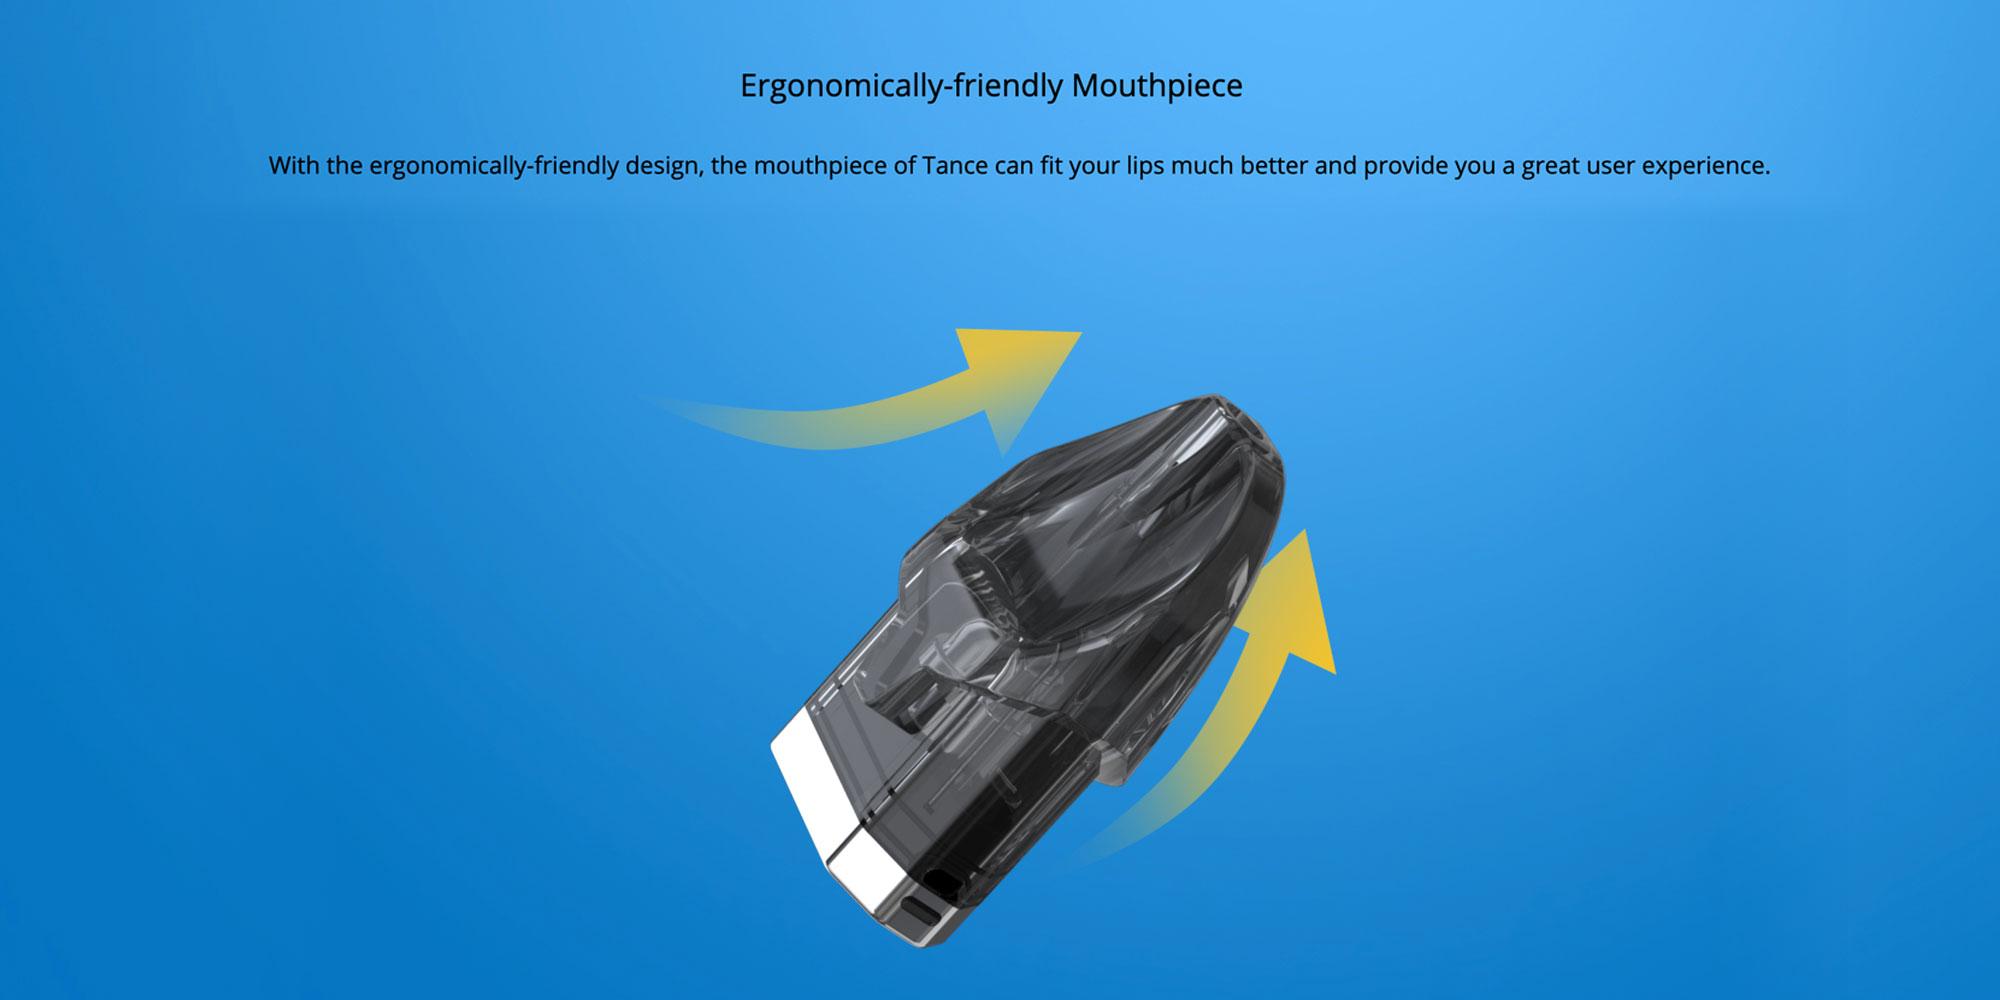 https://www.eleafus.com/teamimages/e-cigarette/tance/tance_pod_02.jpg